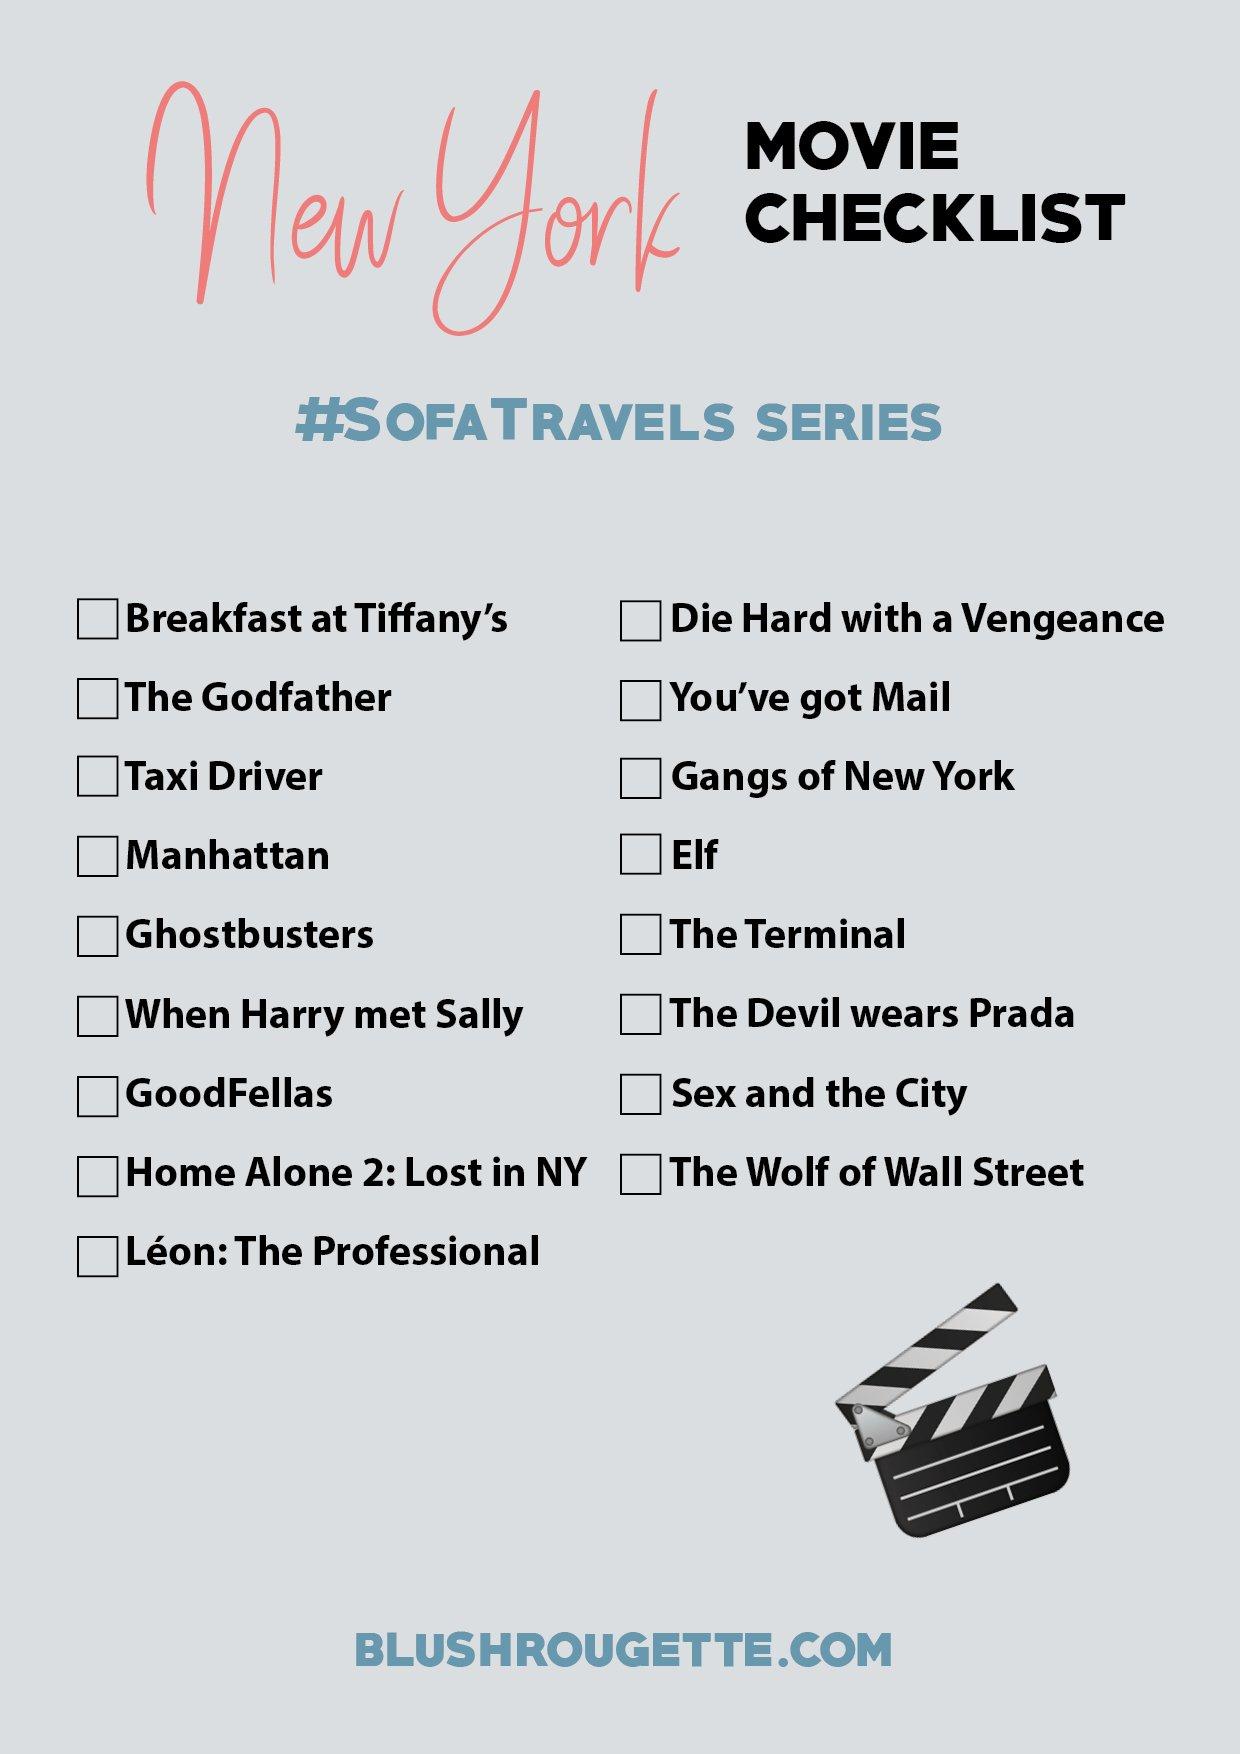 Best movies set in New York checklist